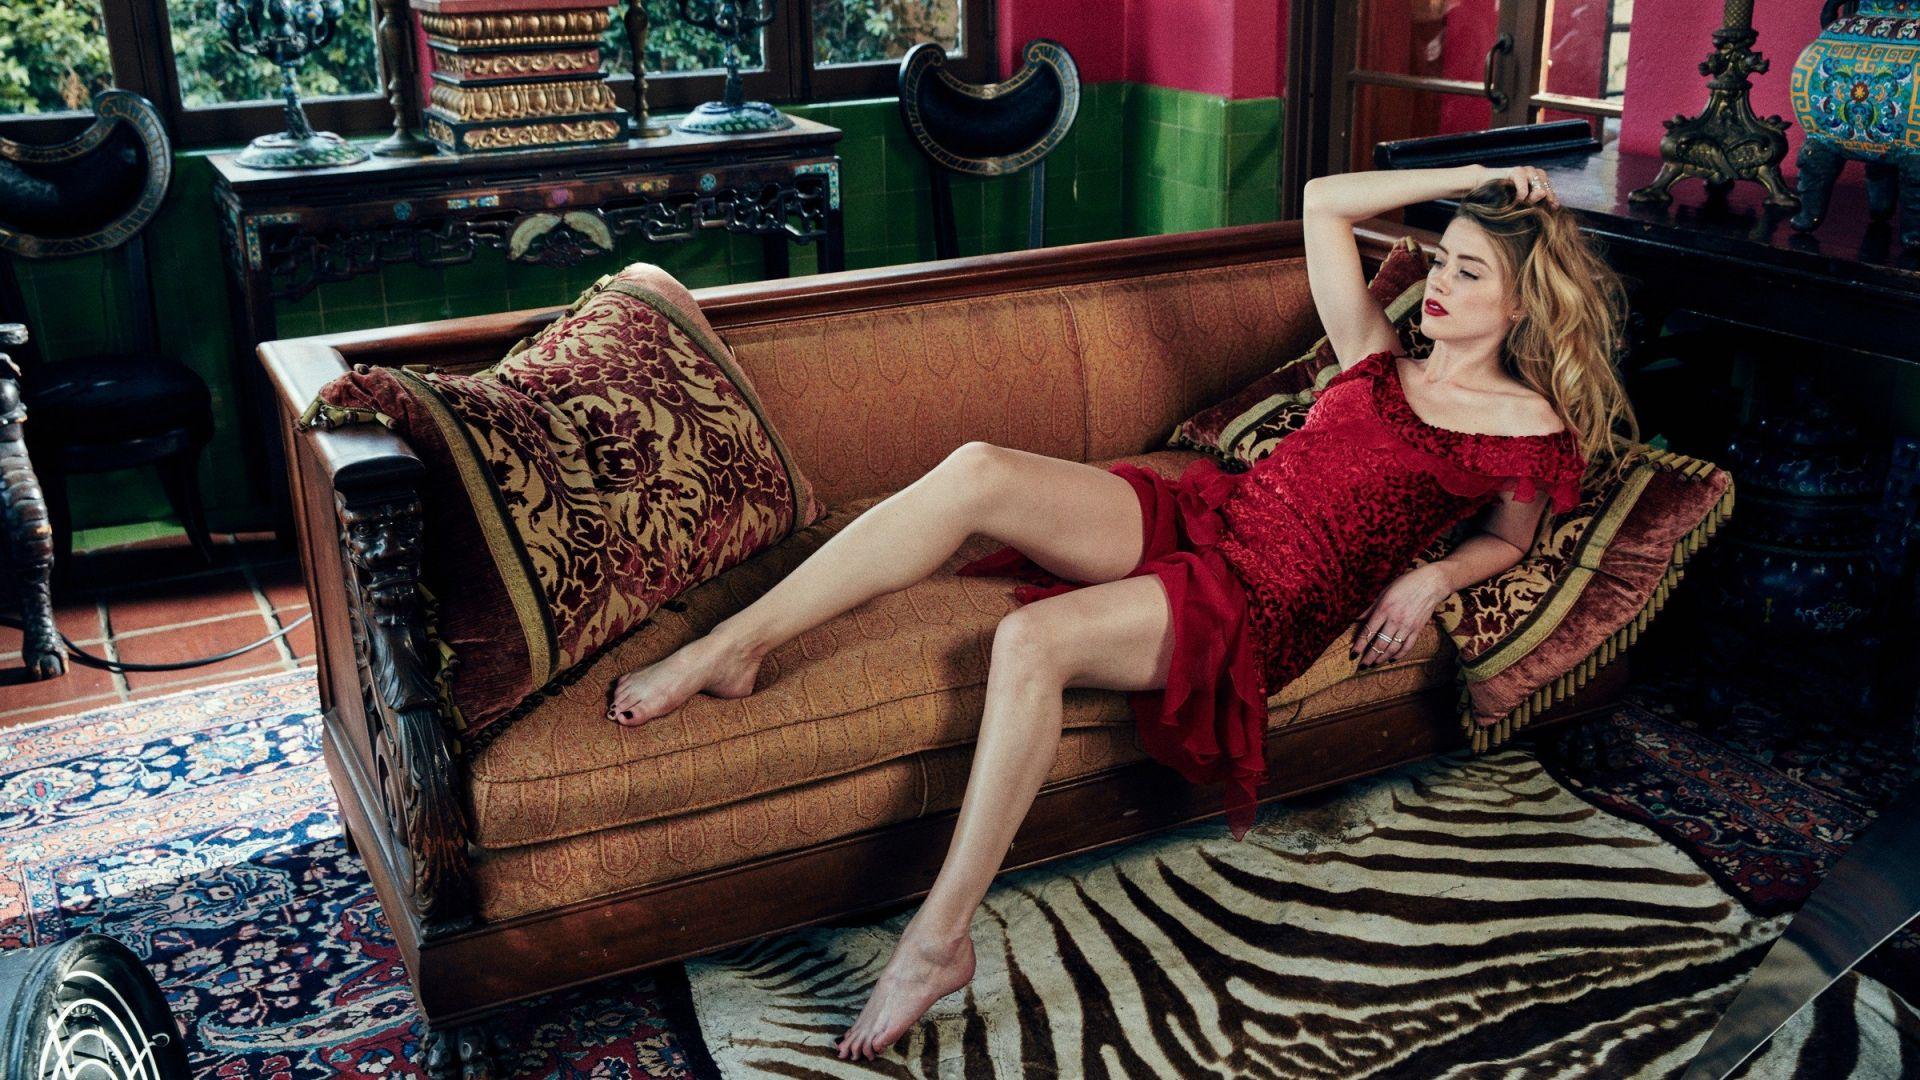 Fitness Girls Desktop Wallpapers Desktop Wallpaper Amber Heard Red Dress 2017 Photoshoot